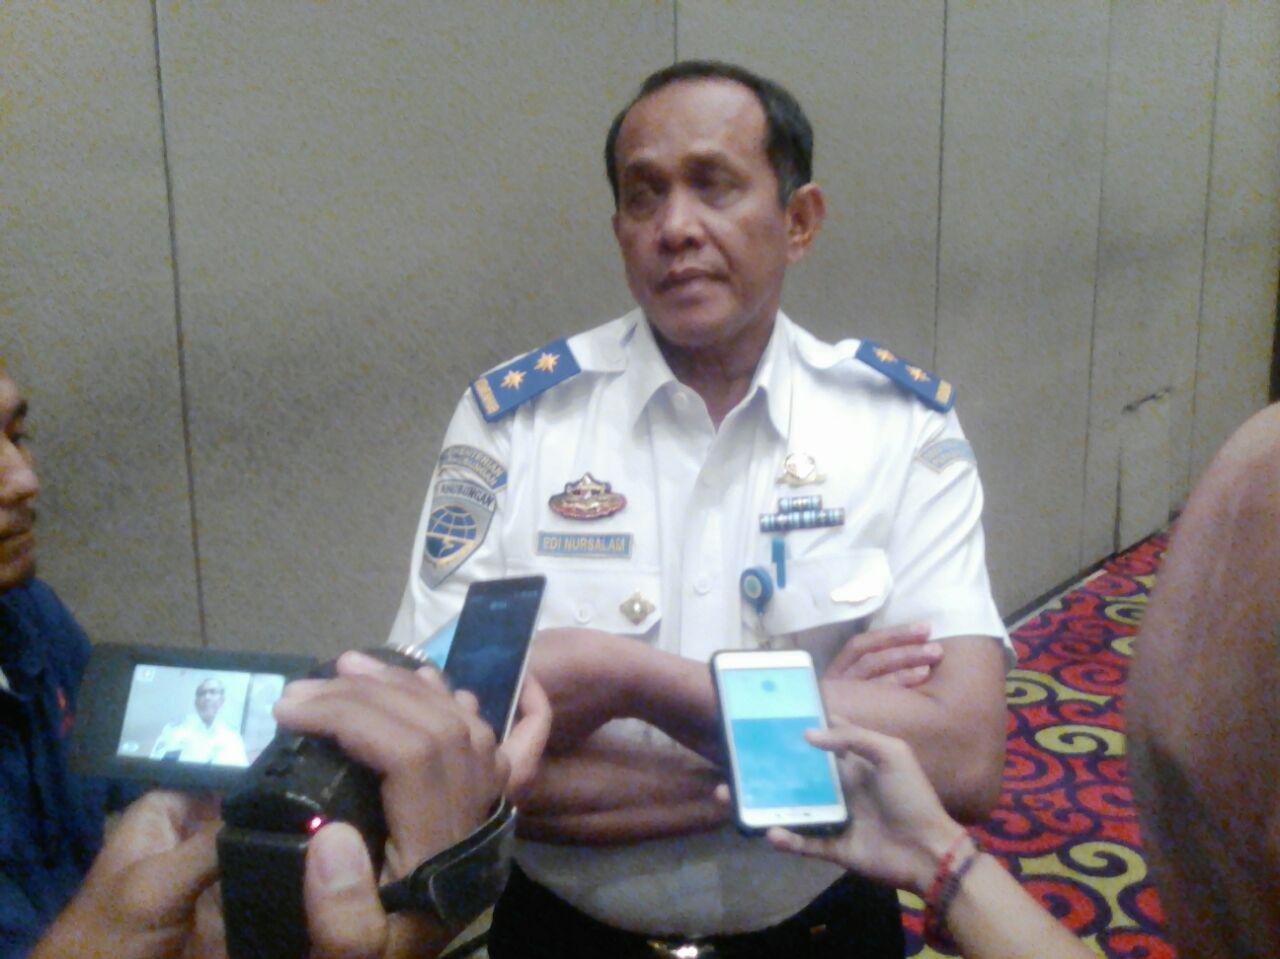 Jumlah Perlintasan Sebidang Kereta Api di Lampung Dikurangi